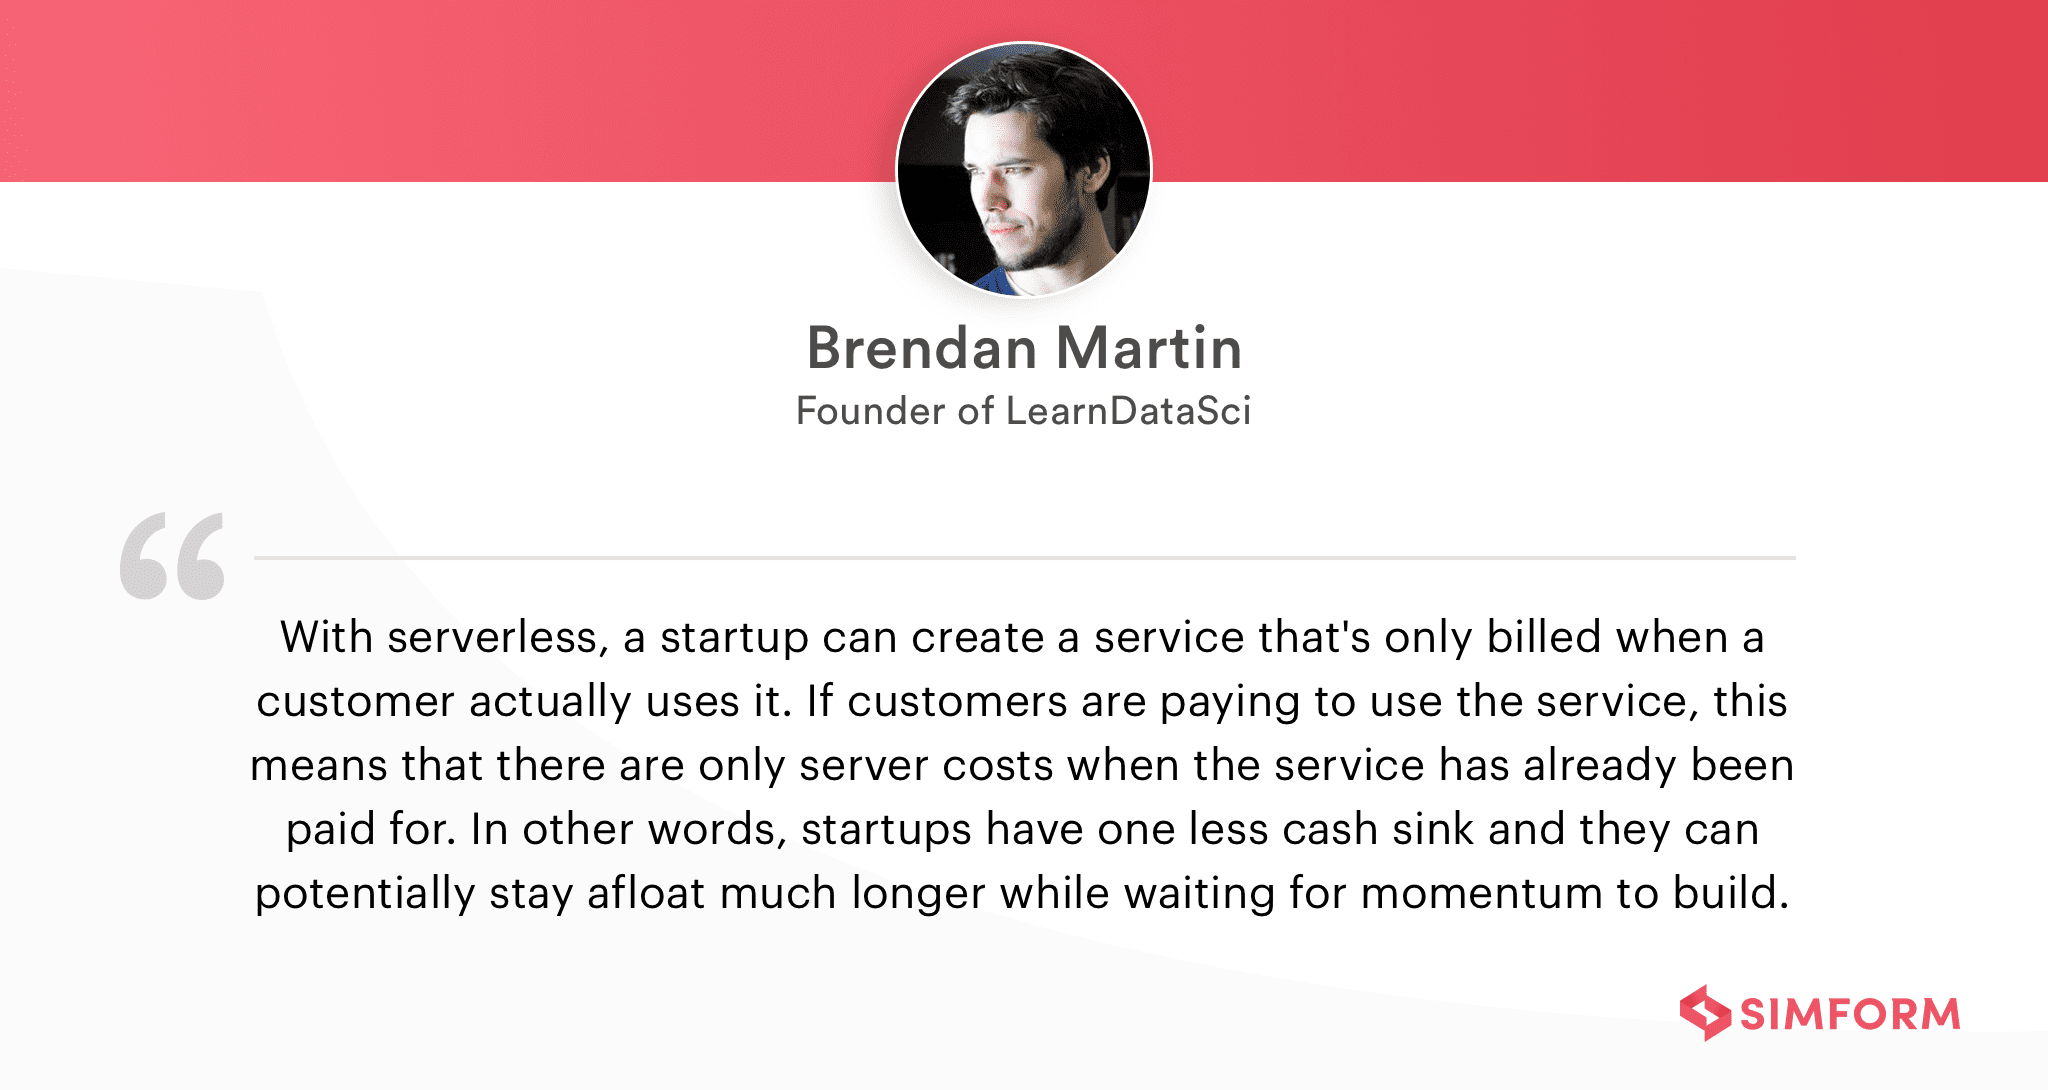 Serverless for startups